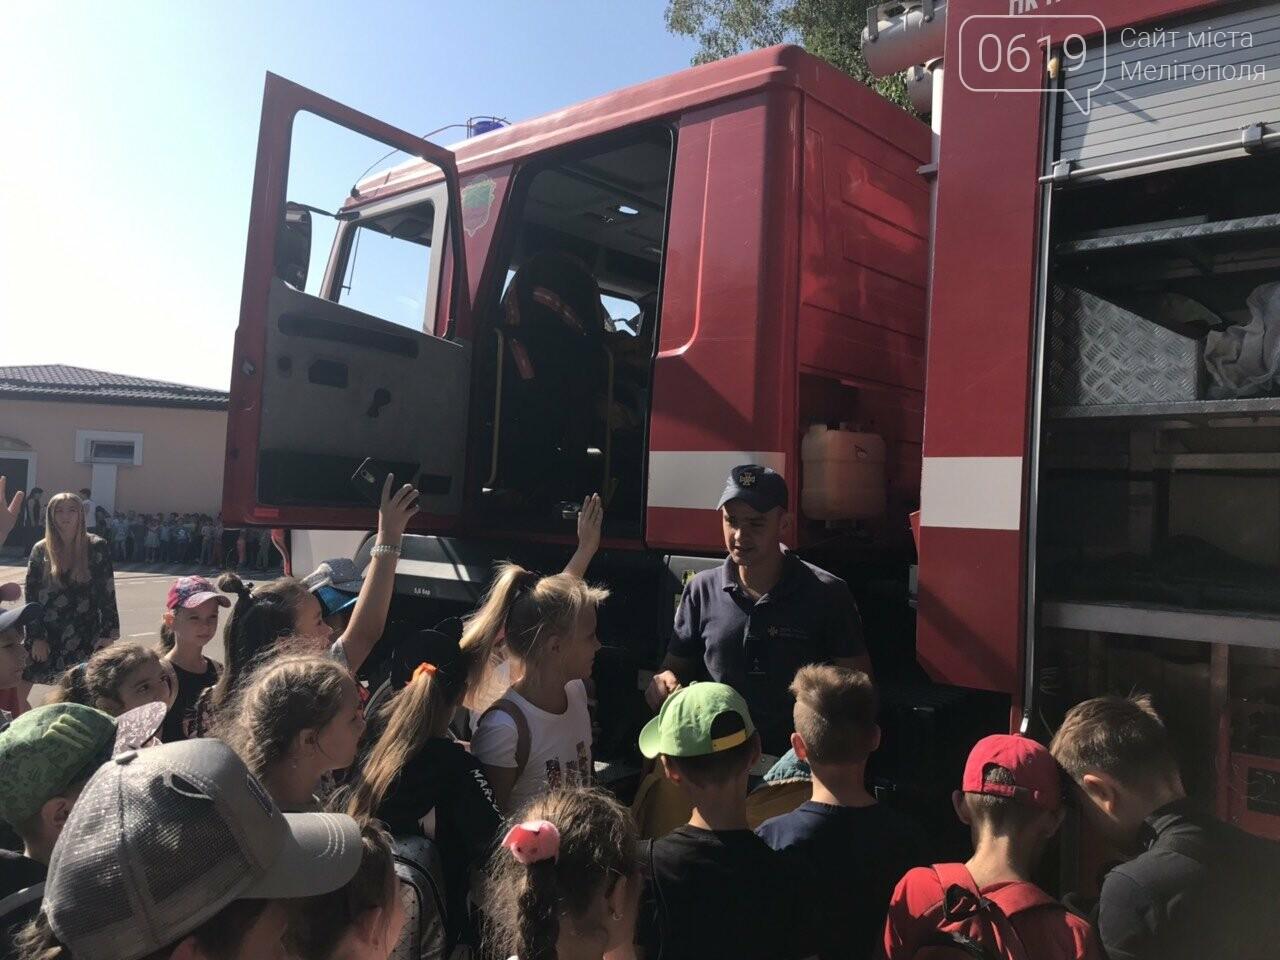 Мелитопольские спасатели провели масштабную акцию для детей, фото-4